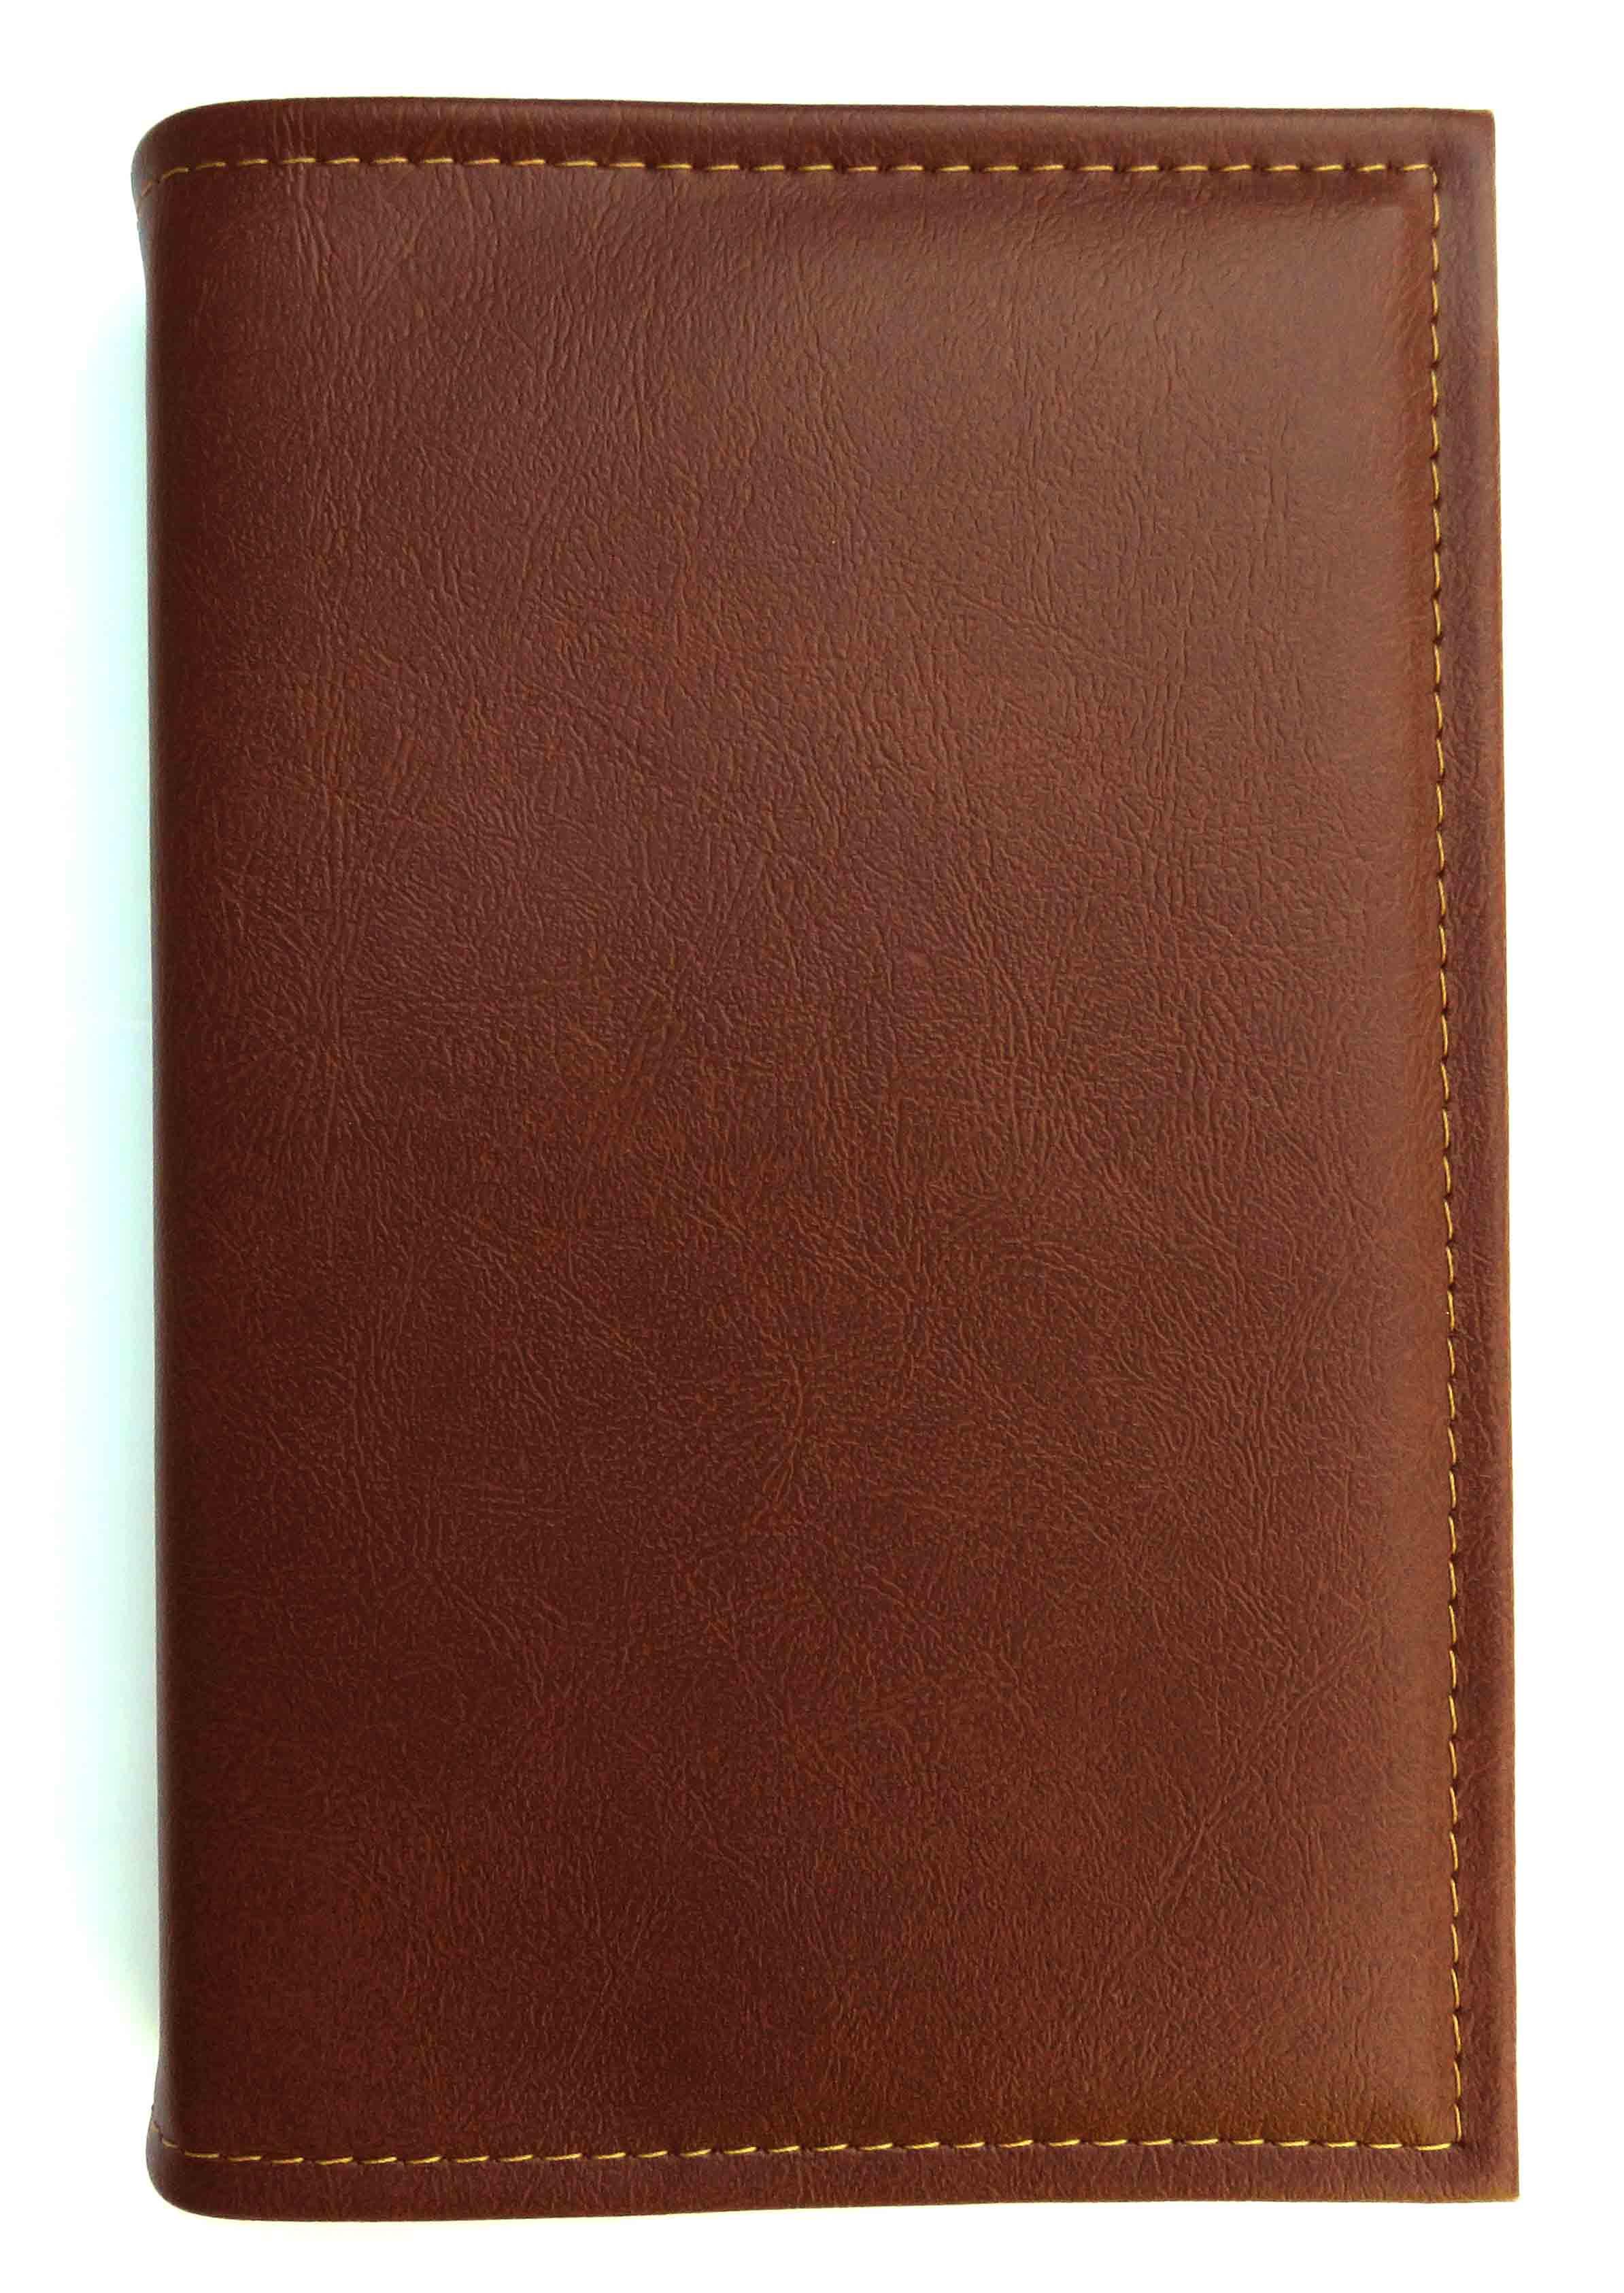 Big Book Cover - Plain - Dark Brown